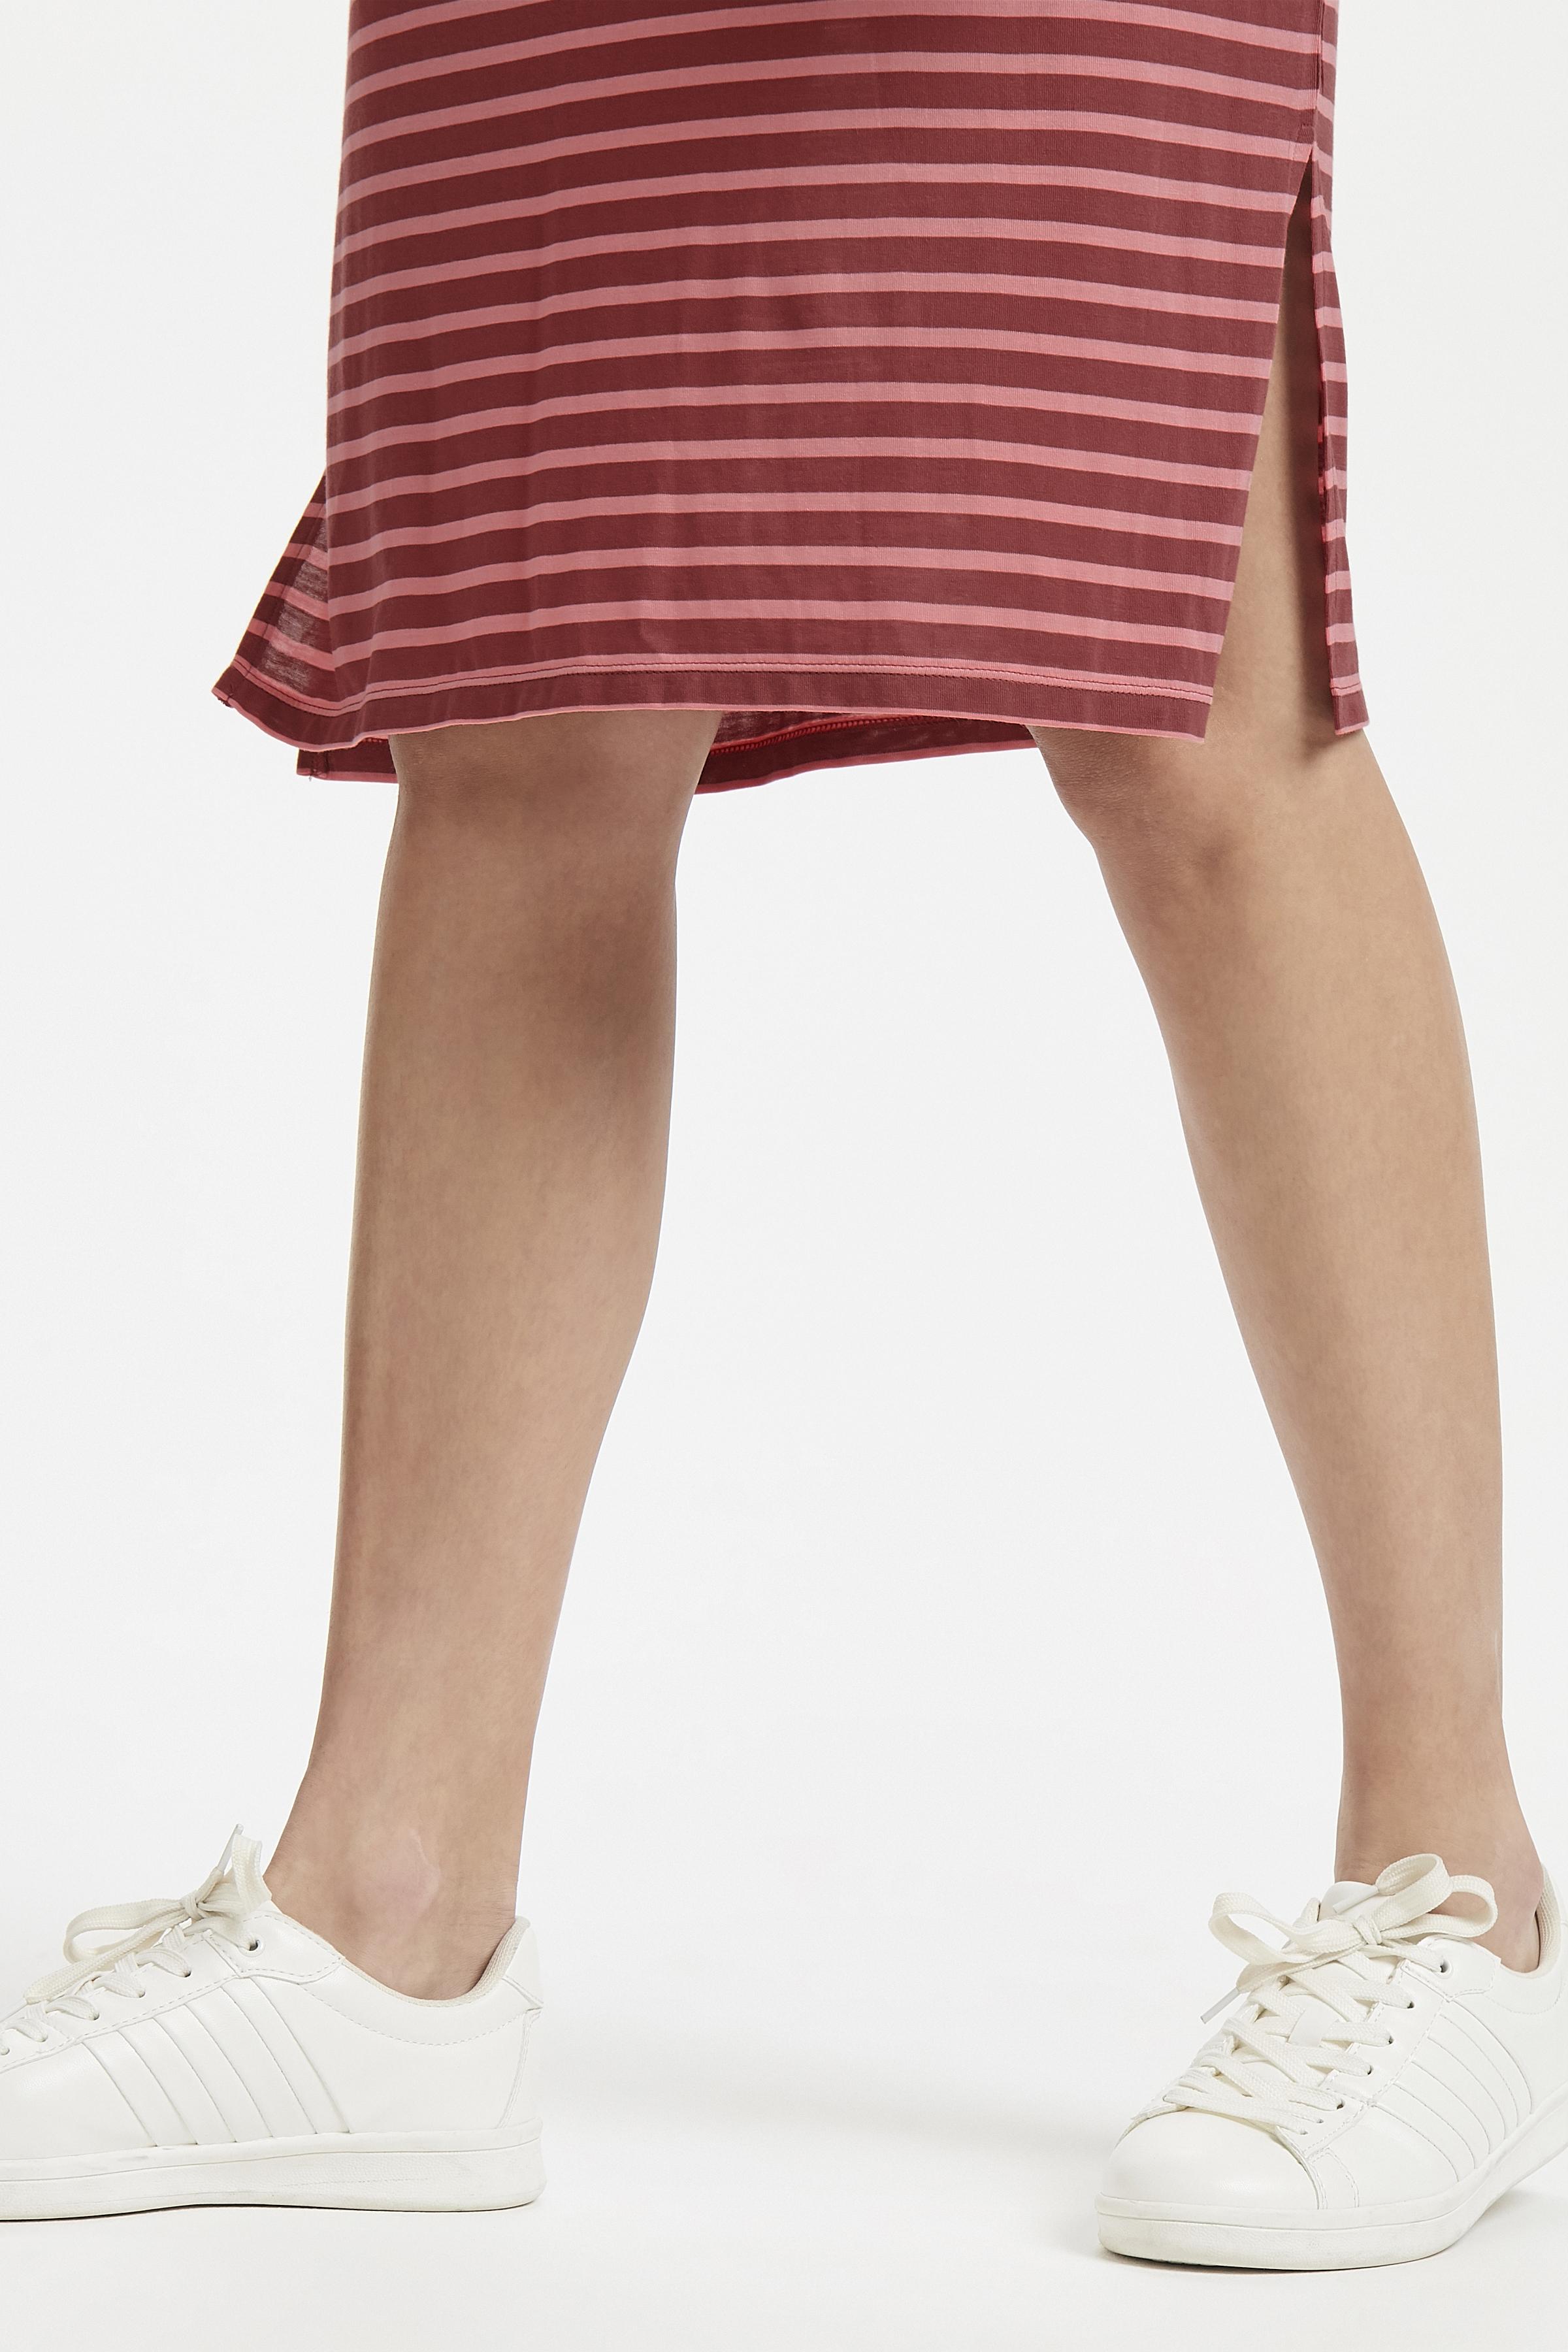 Apple Butter Jerseykjole – Køb Apple Butter Jerseykjole fra str. XS-XL her